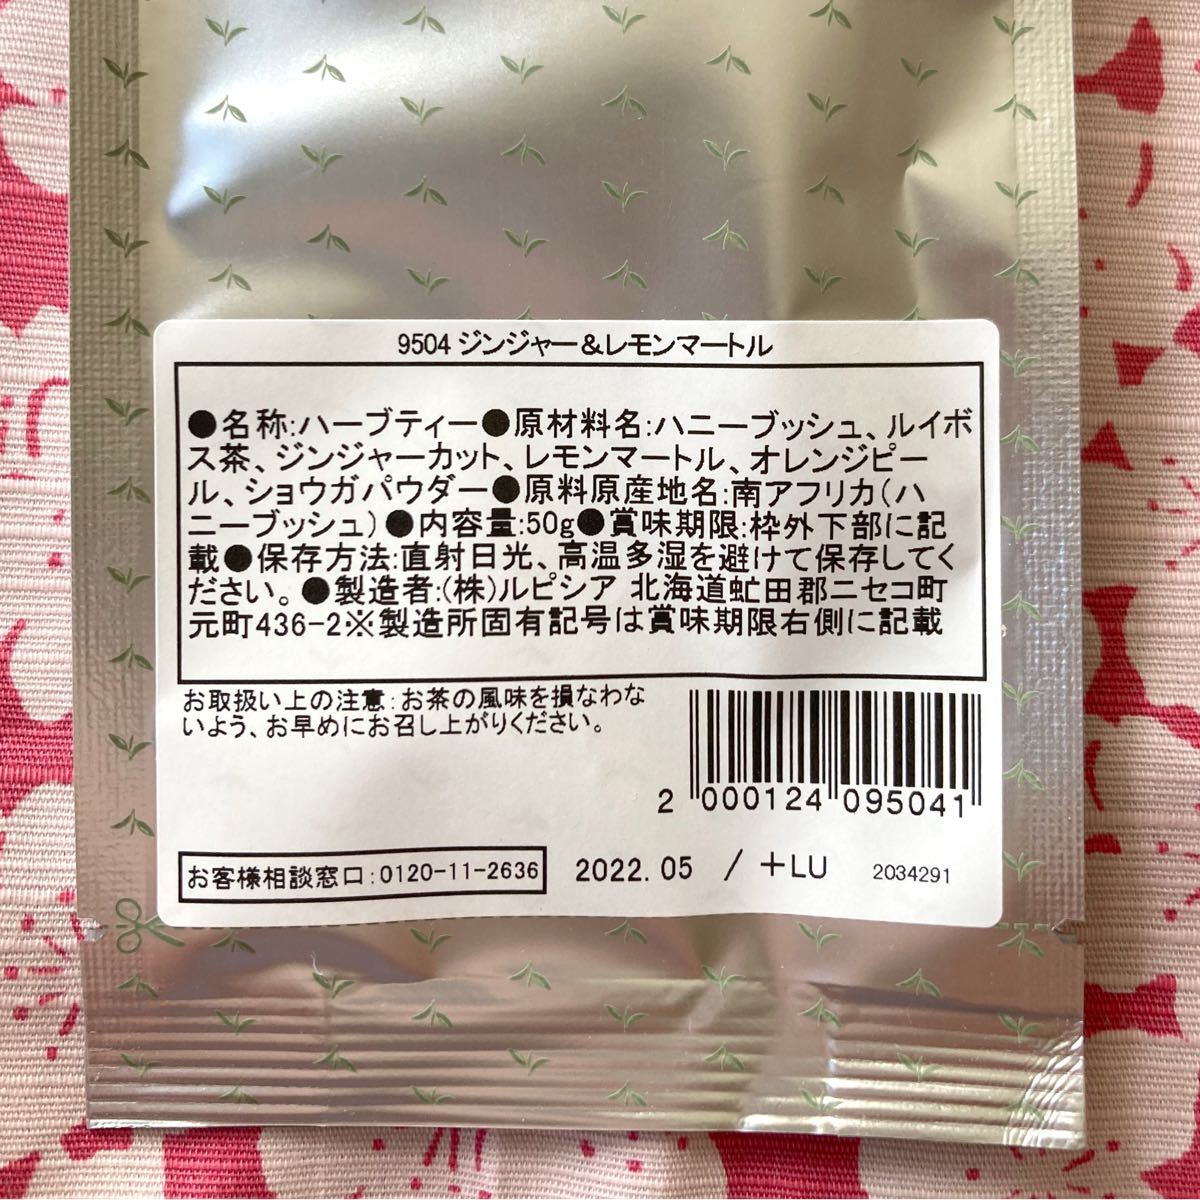 【値下げ】LUPICIA ルピシア ノンカフェイン ルイボス ハーブティー 茶葉 4点セット